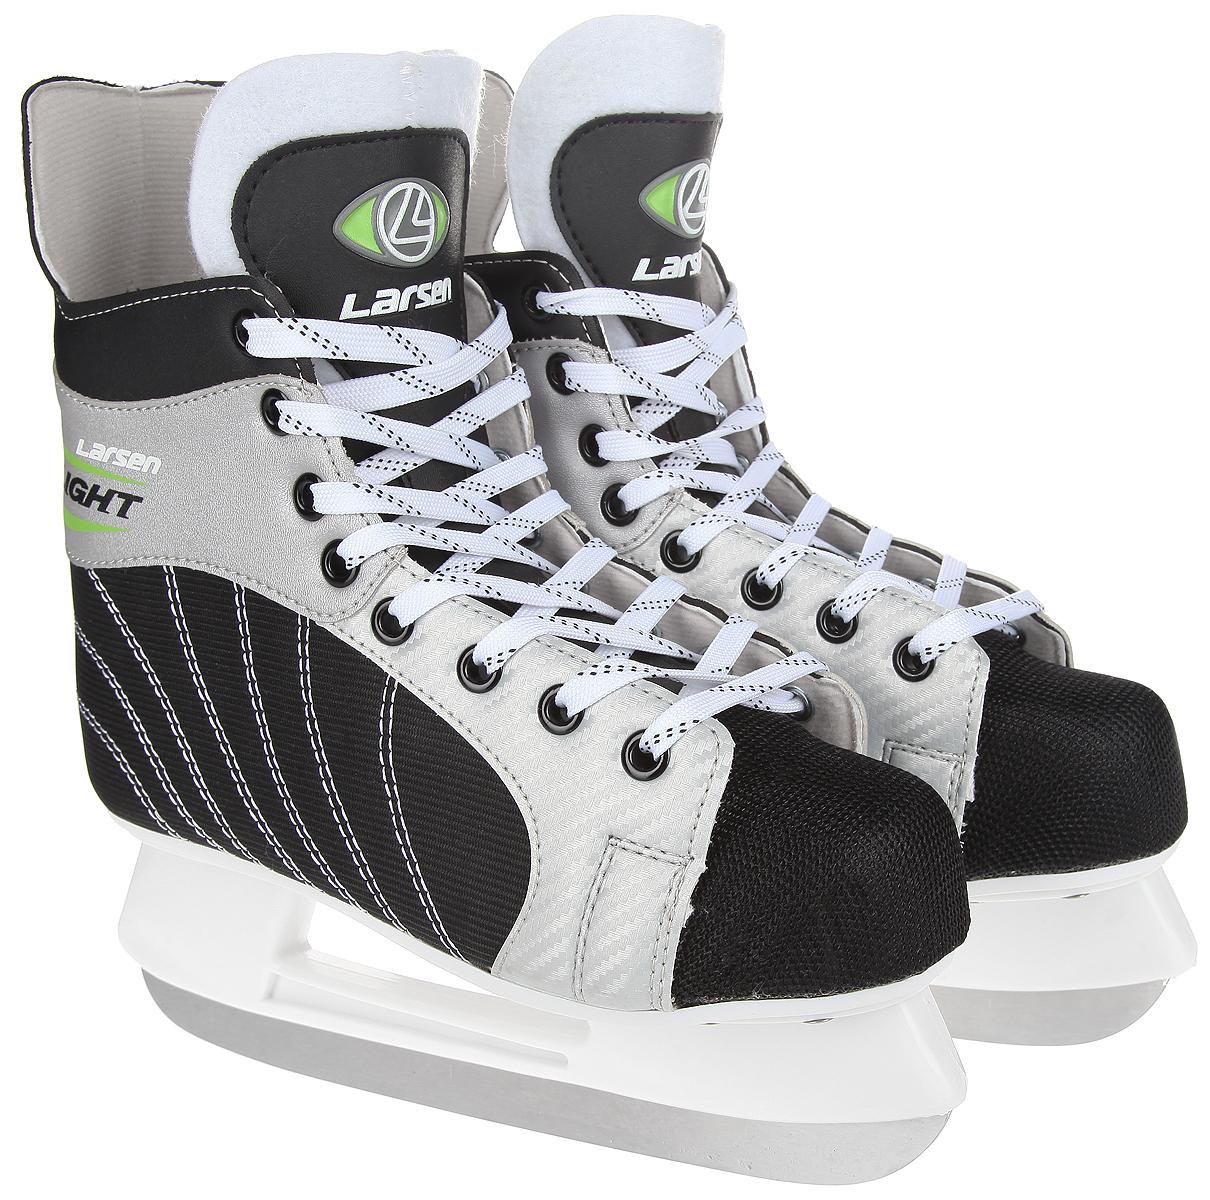 Коньки хоккейные мужские Larsen Light, цвет: черный, серебристый, белый. Размер 41